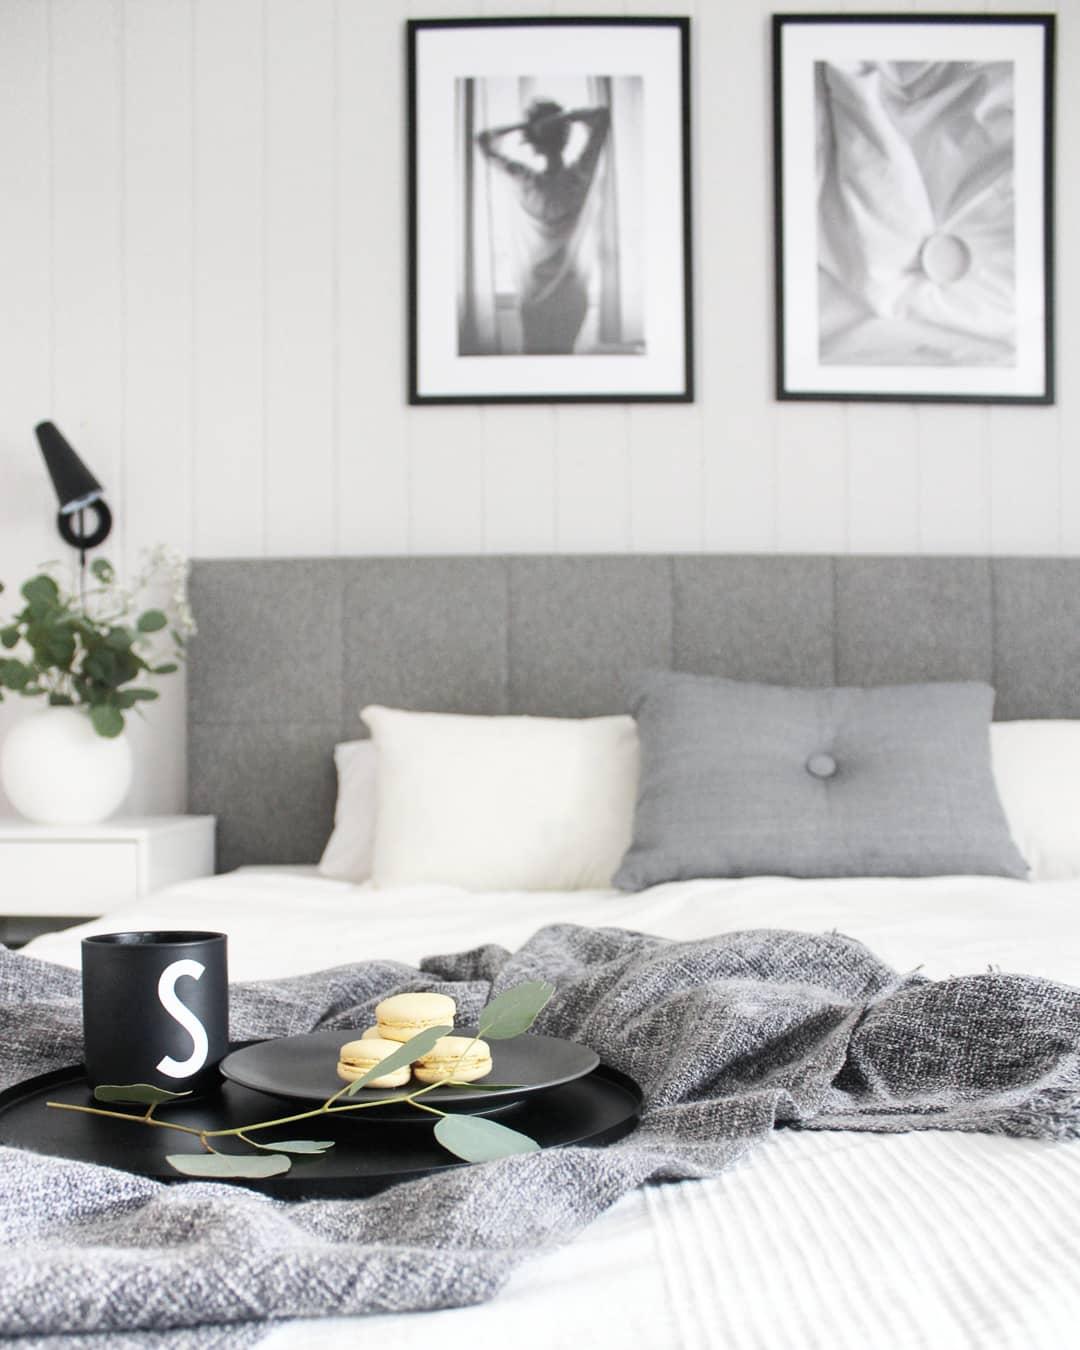 Wohnen, Pflanze, Schwarz, Weiß, Grau, Skandinavisch, Dekoration, Bilderrahmen, Tisch, Sofa, Licht